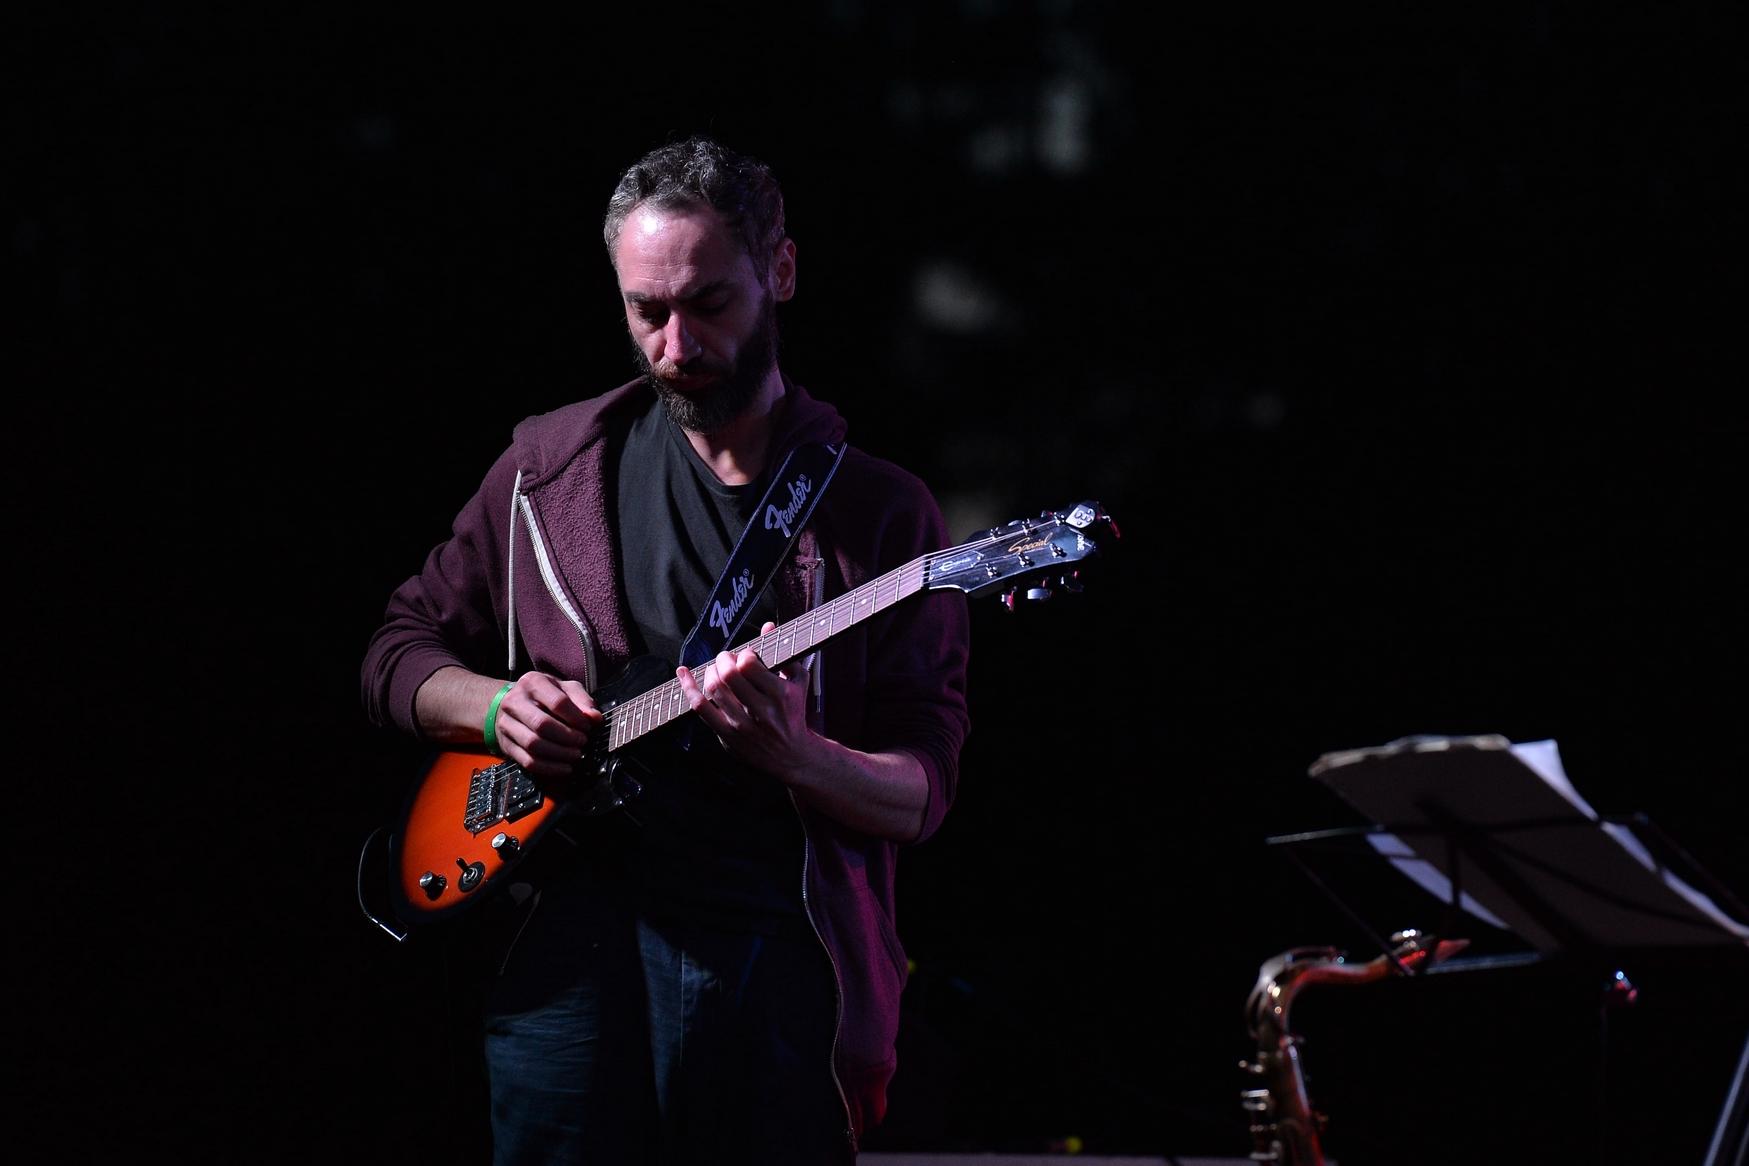 Dan Mitrofan at Smida Jazz Festival 2017